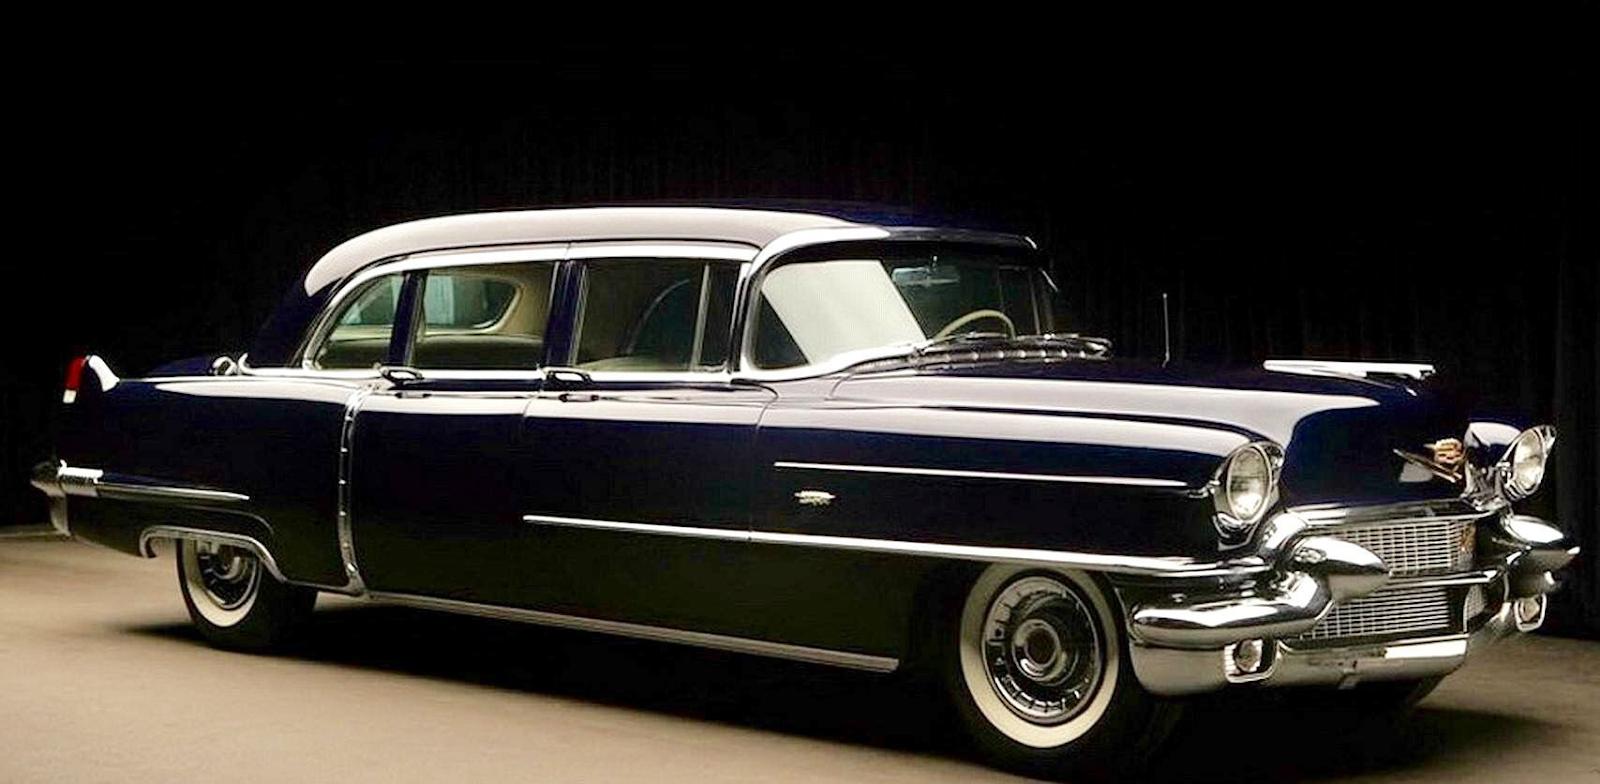 Cadillac Fleetwood 75 Limousine 1955, uno de los más lujosos